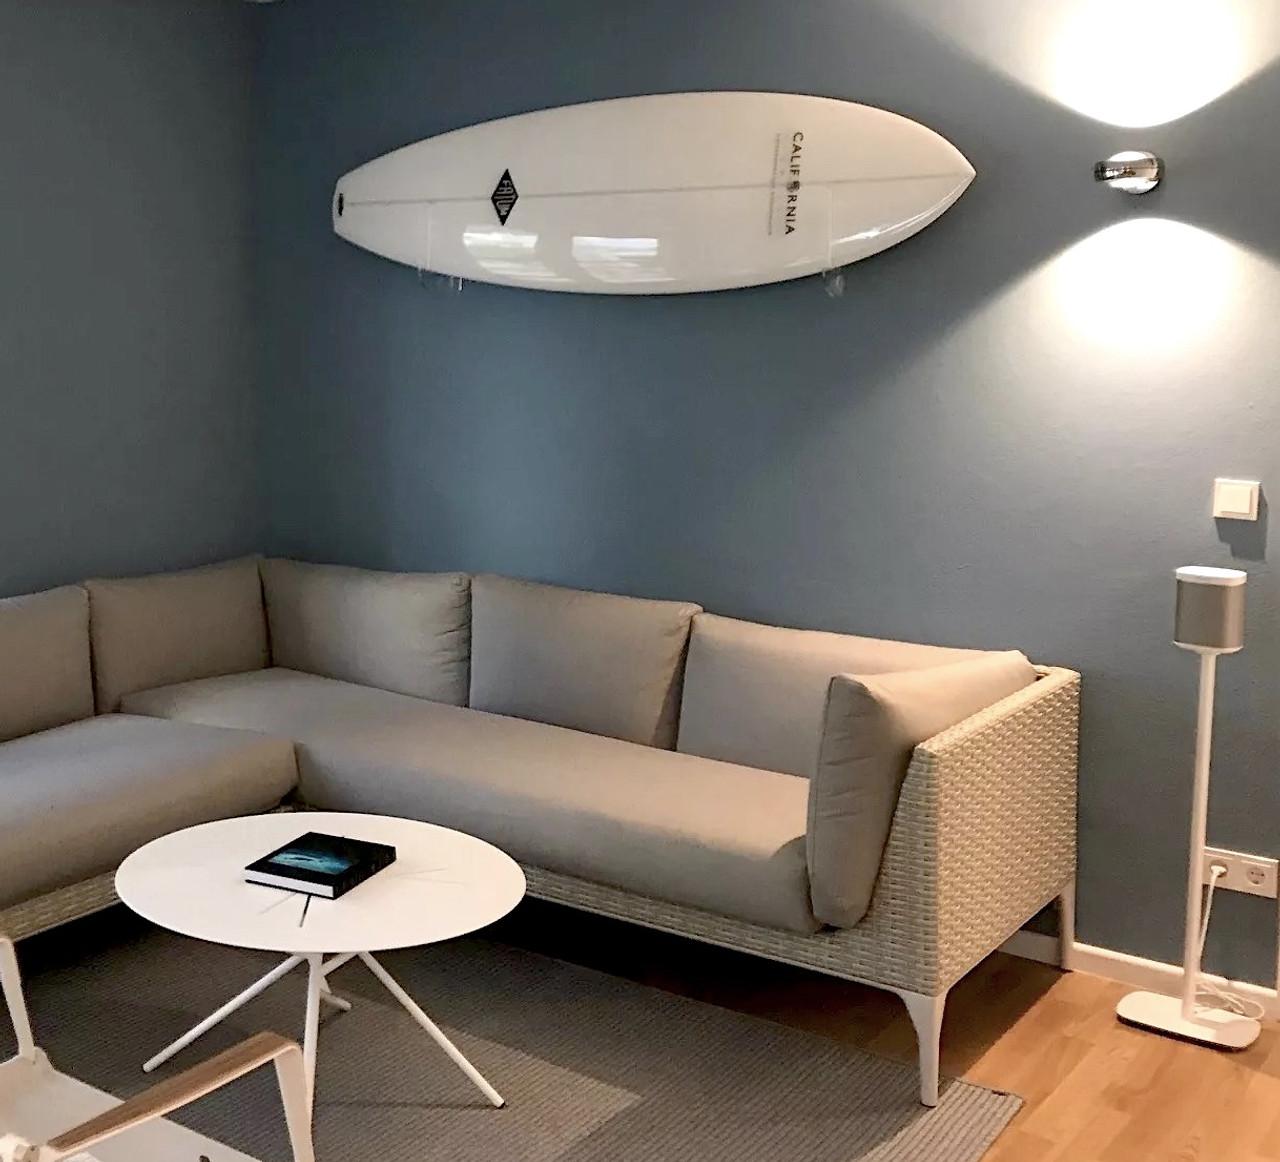 Clear Acrylic Surfboard Wall Rack Storeyourboard Com